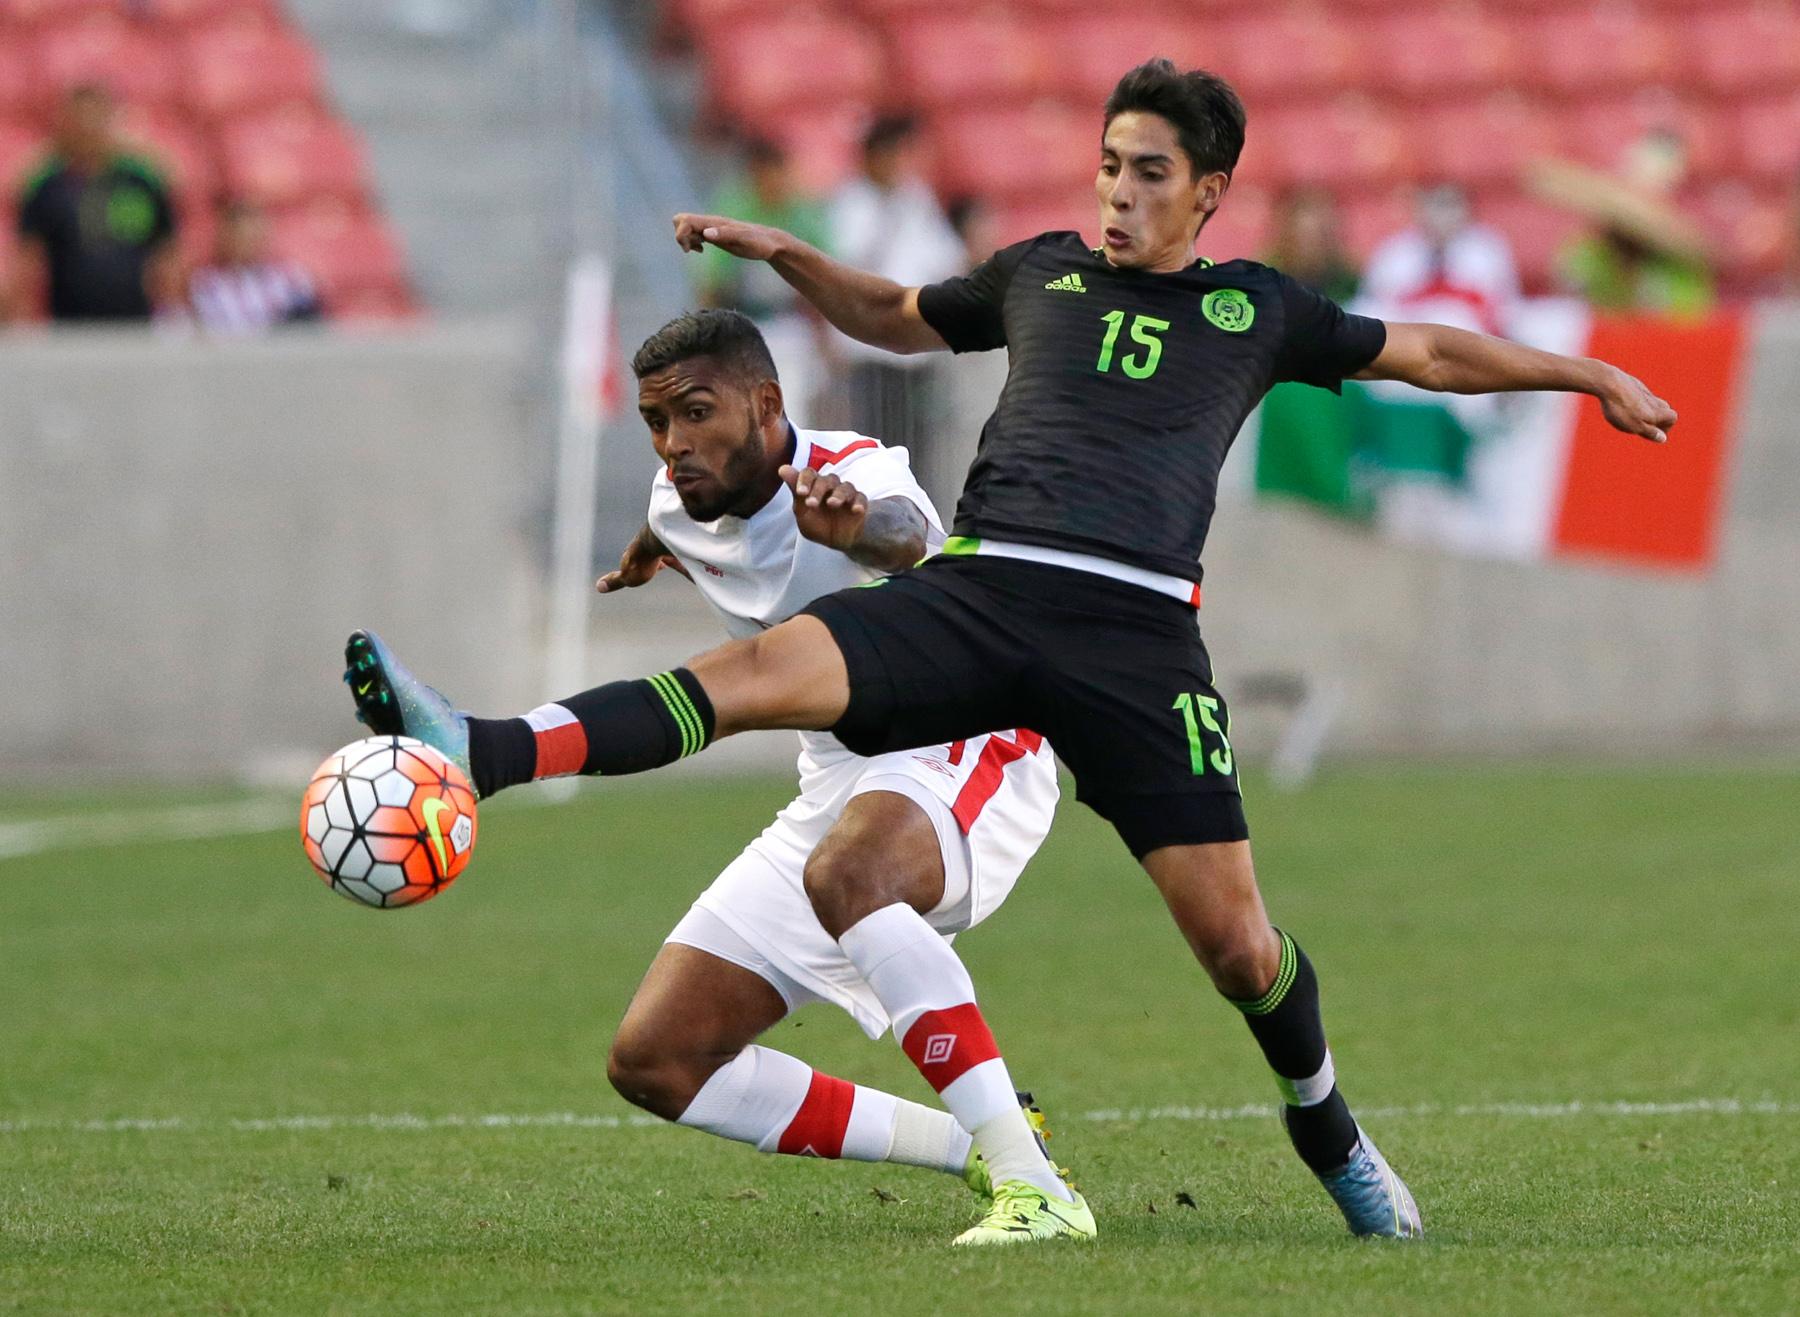 Coupe du monde 2026 les usa le canada et le mexique pr sentent une candidature historique - Coupe du monde historique ...